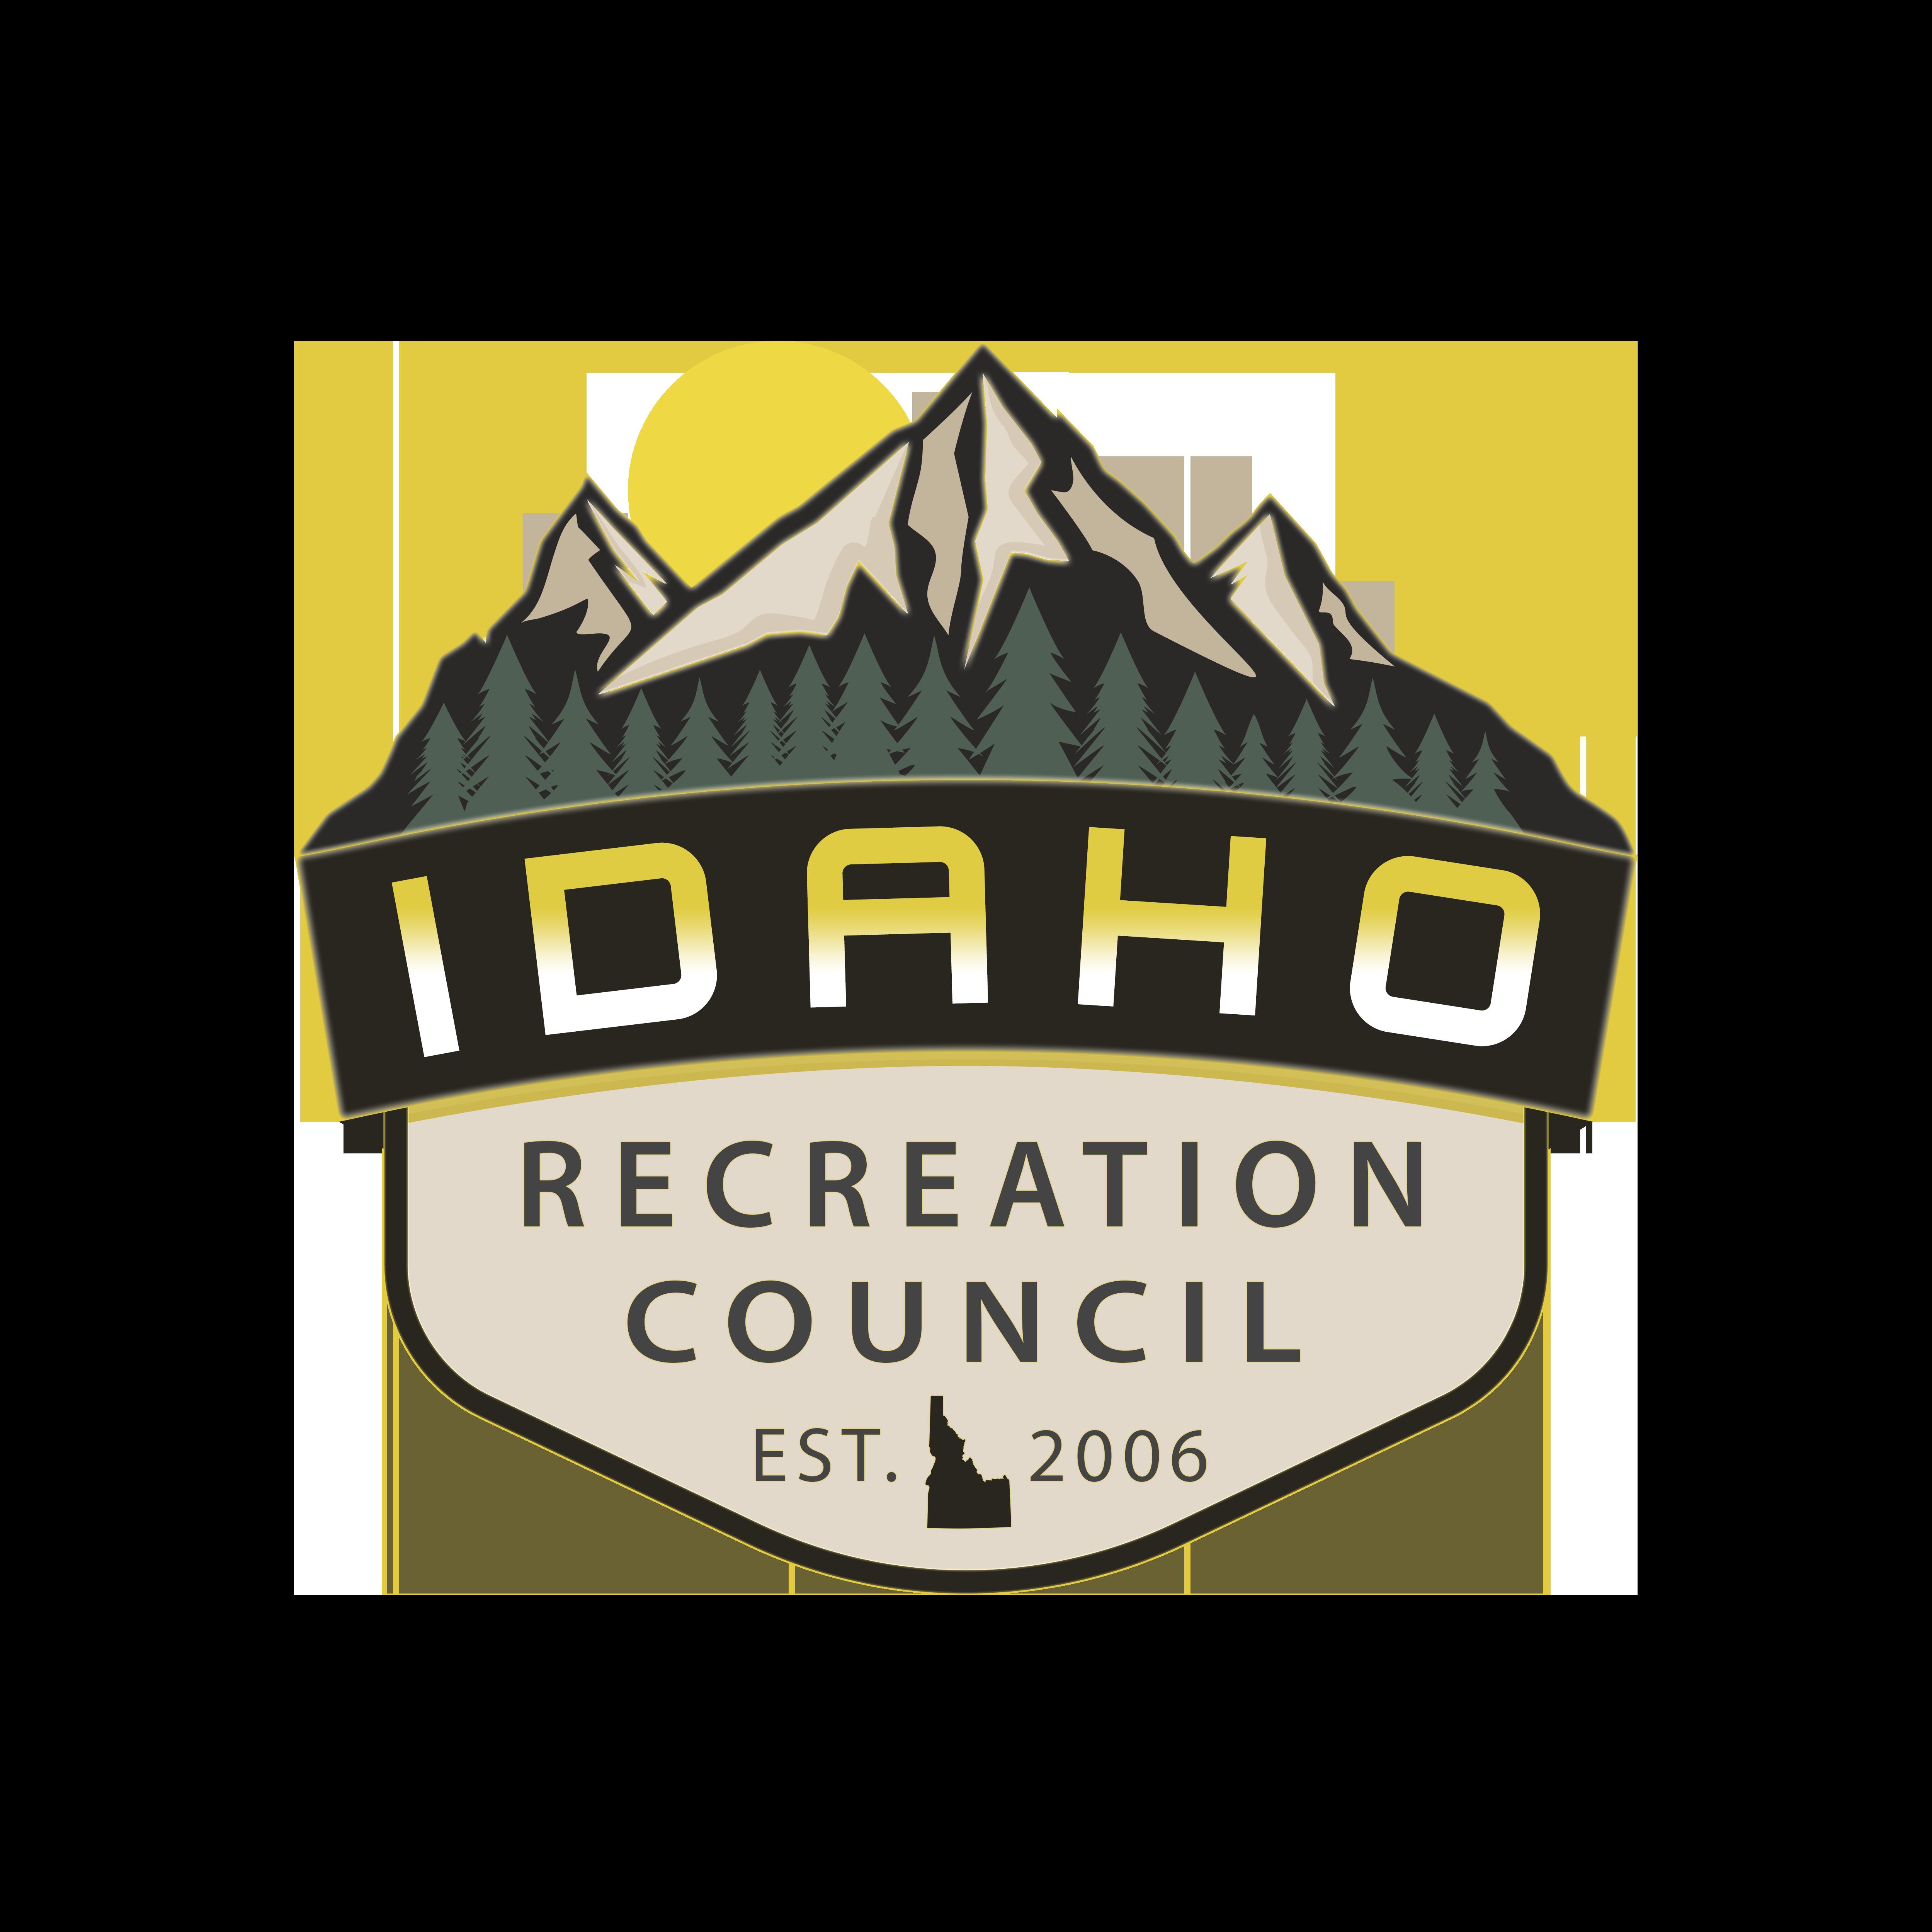 Idaho Recreation Council